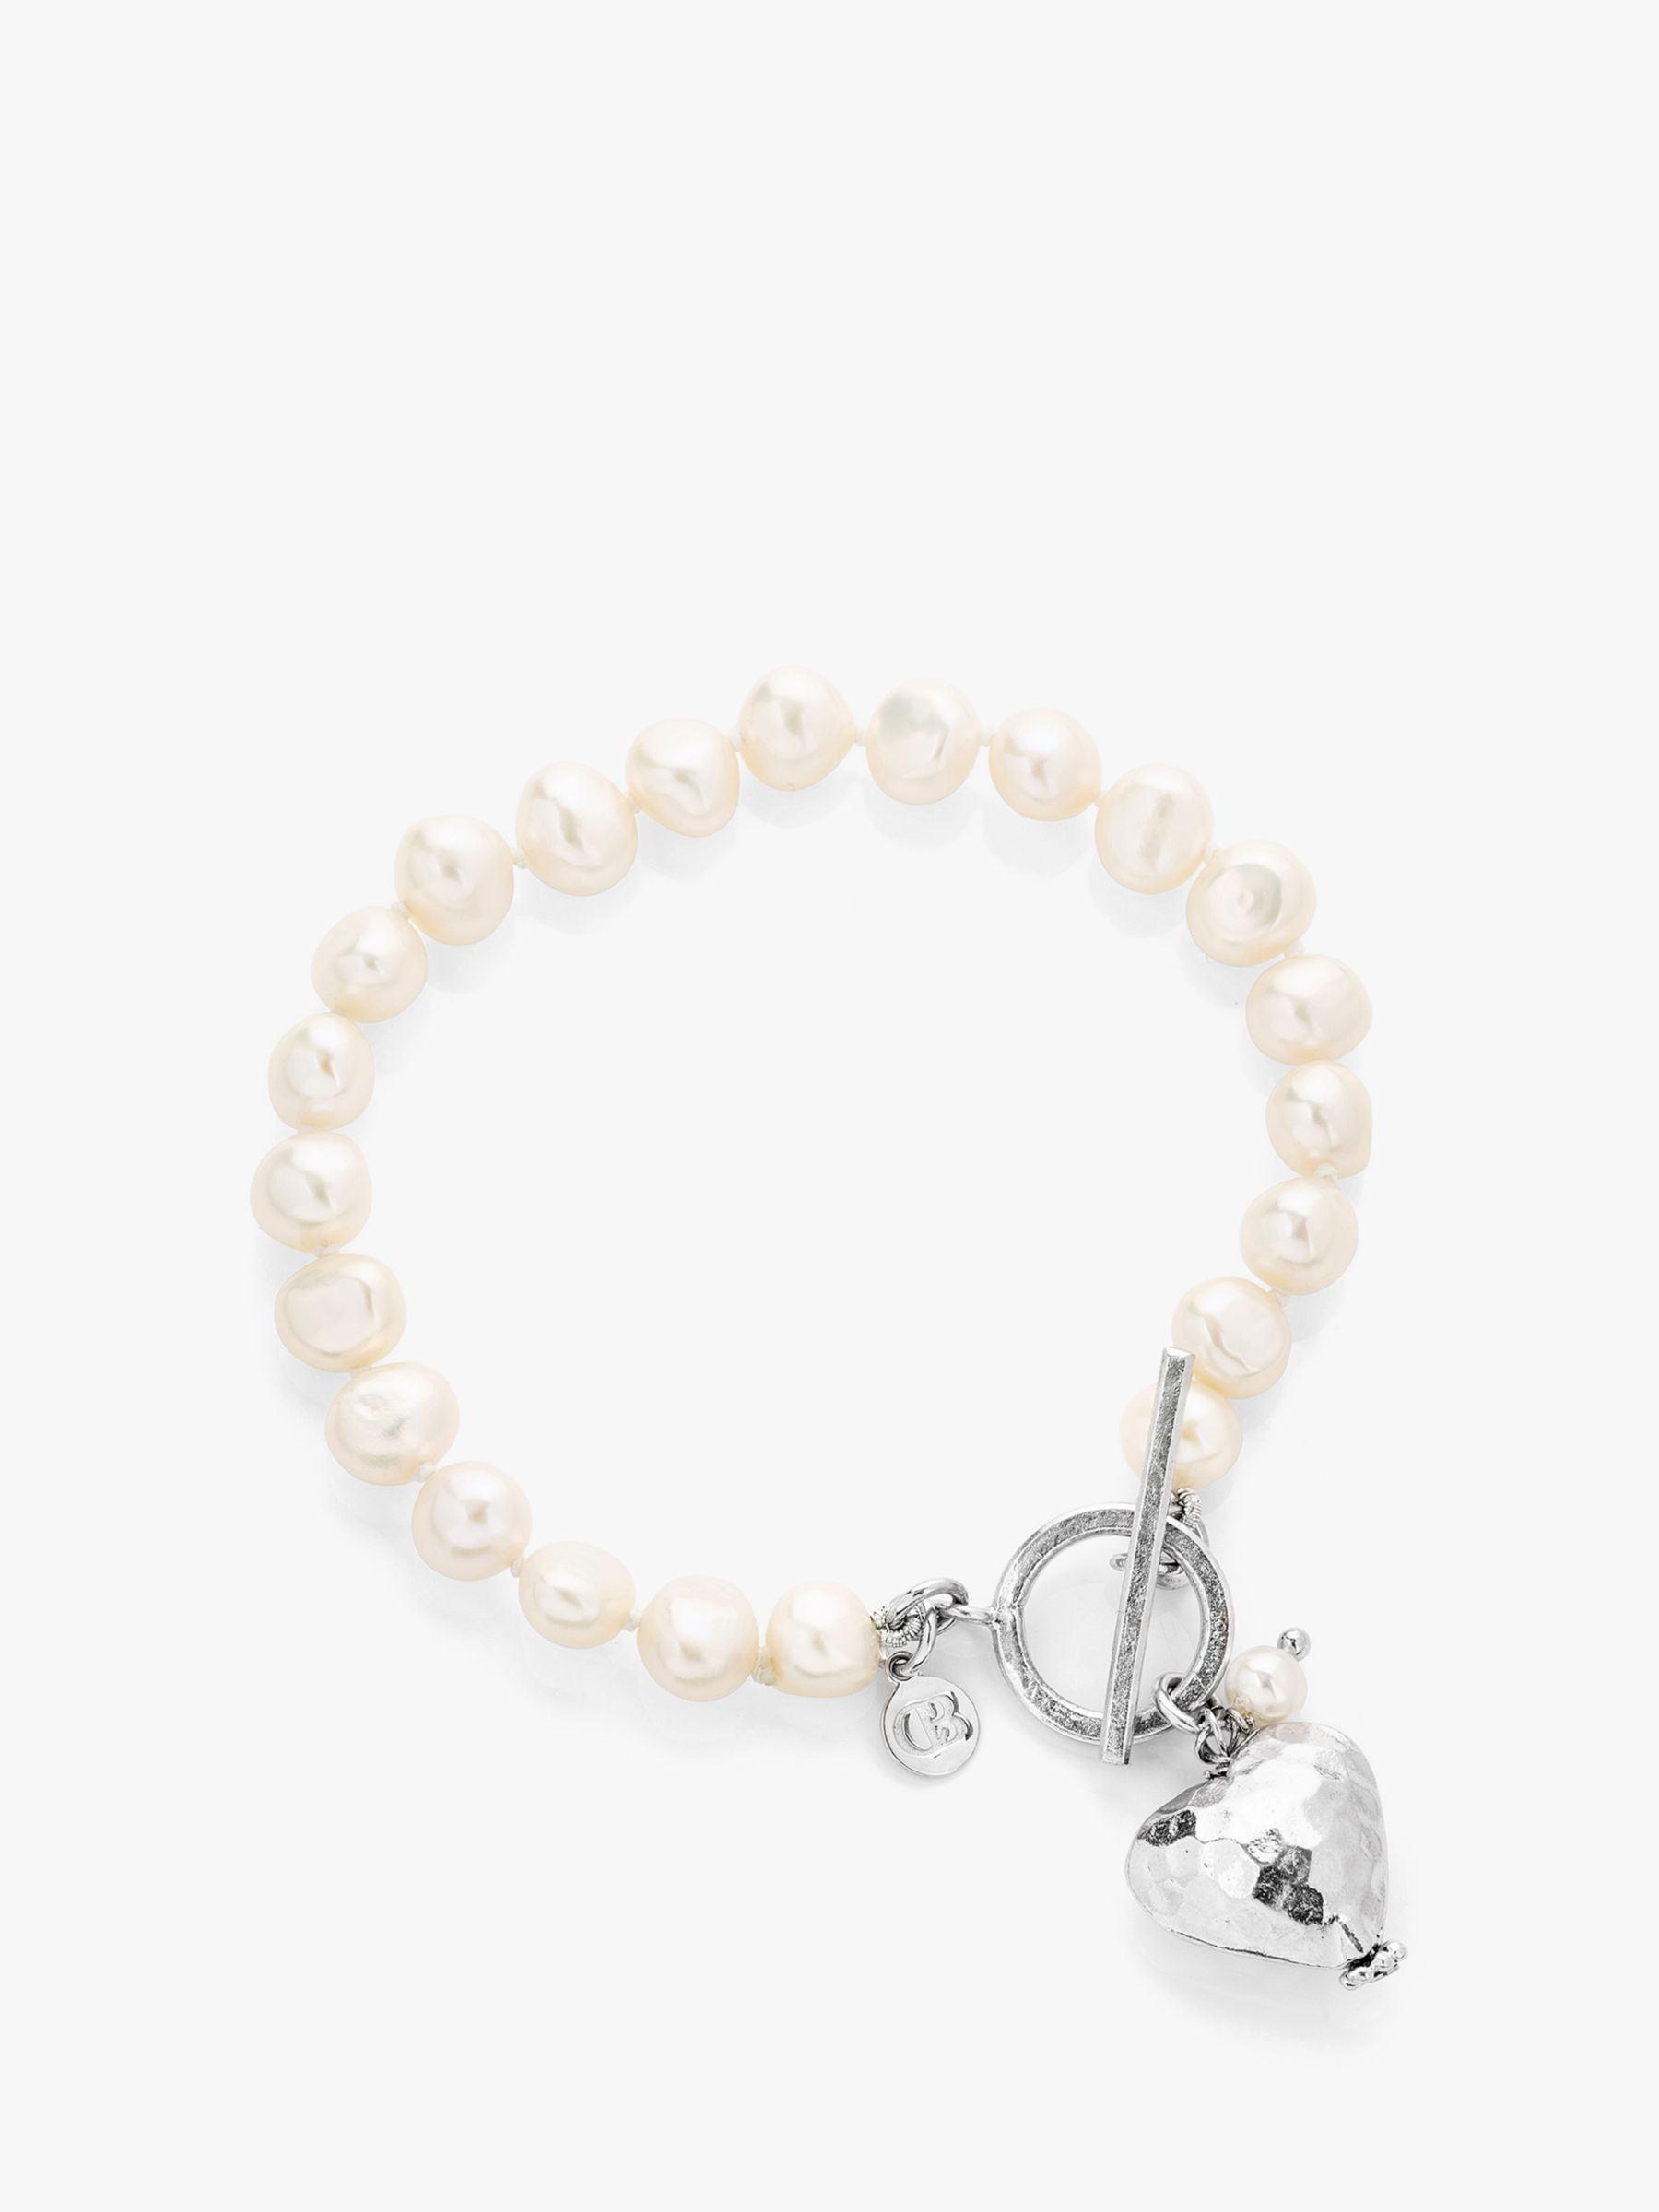 Claudia Bradby Claudia Bradby Hammered Heart Charm Freshwater Pearl Bracelet